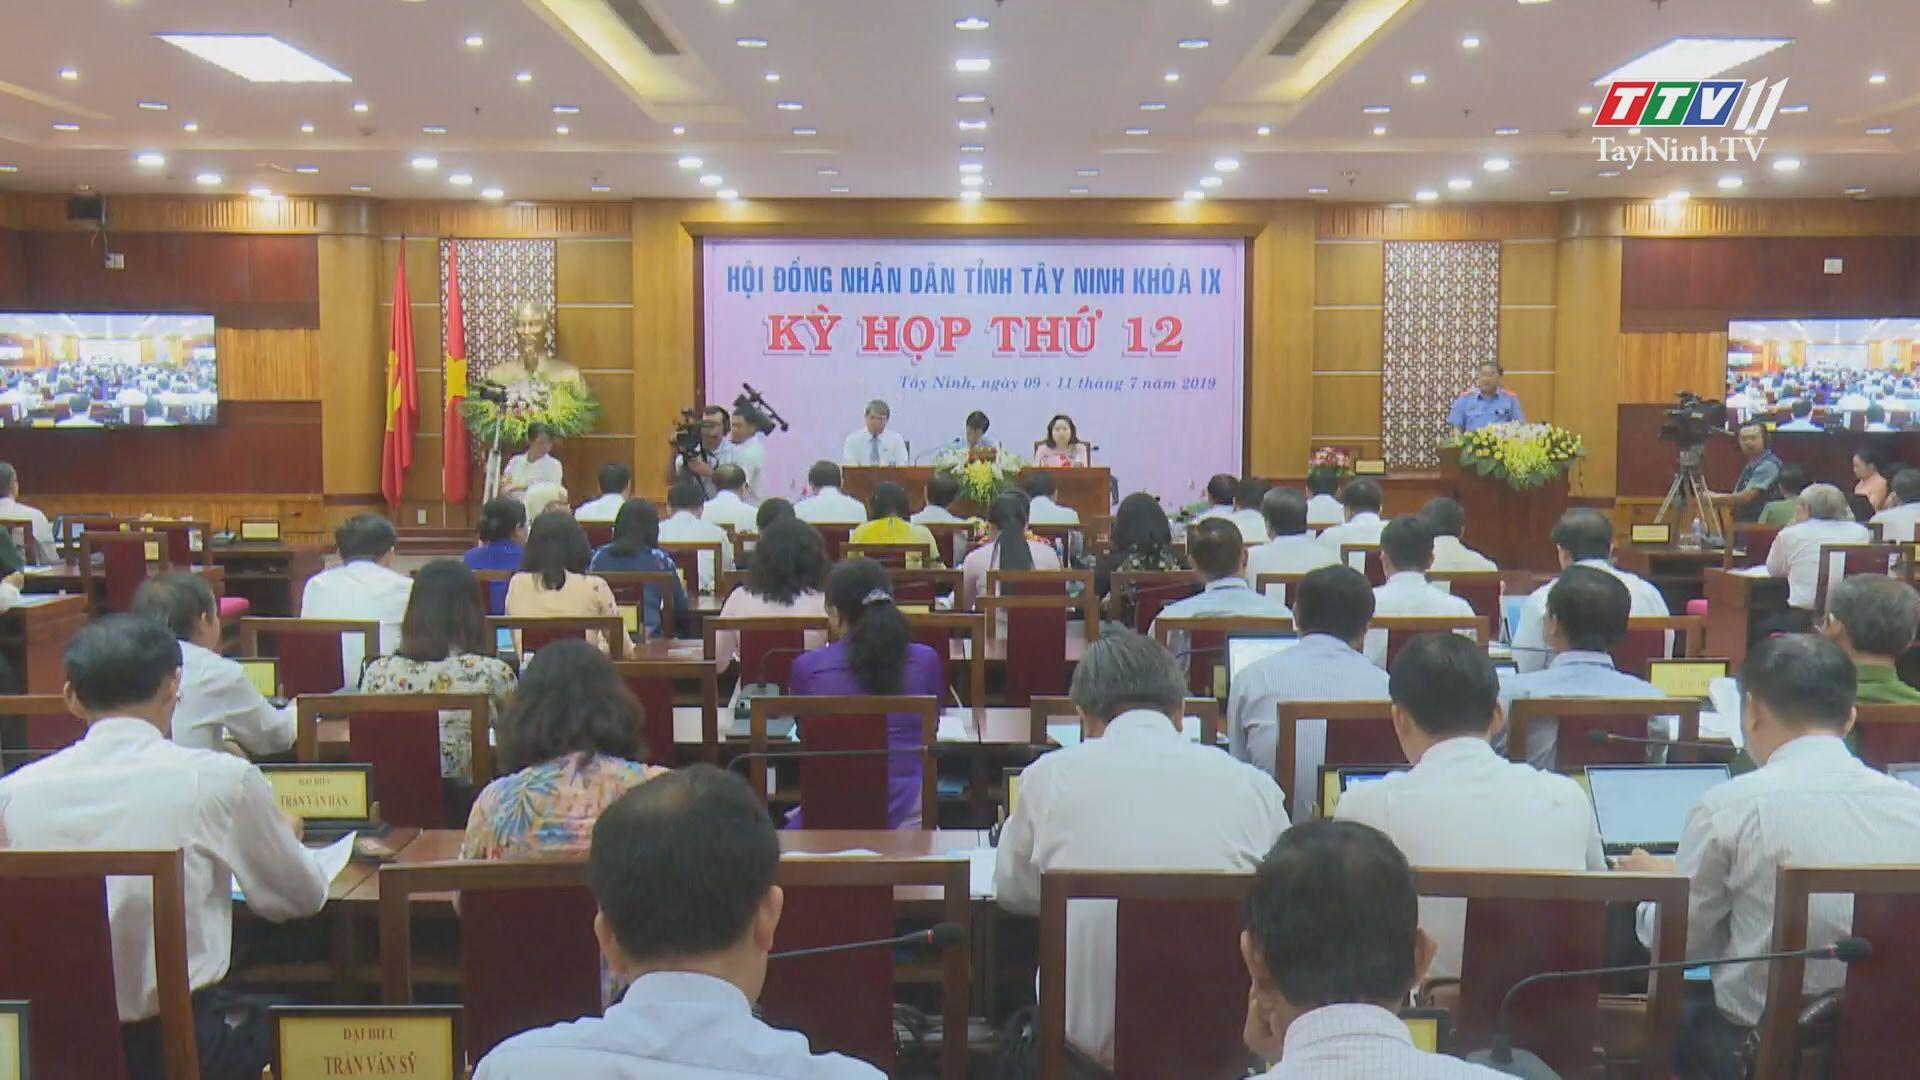 Hội đồng Nhân dân tỉnh Tây Ninh nhiều dấu ấn nổi bật trong năm 2019 | TIẾNG NÓI CỬ TRI | TayNinhTV